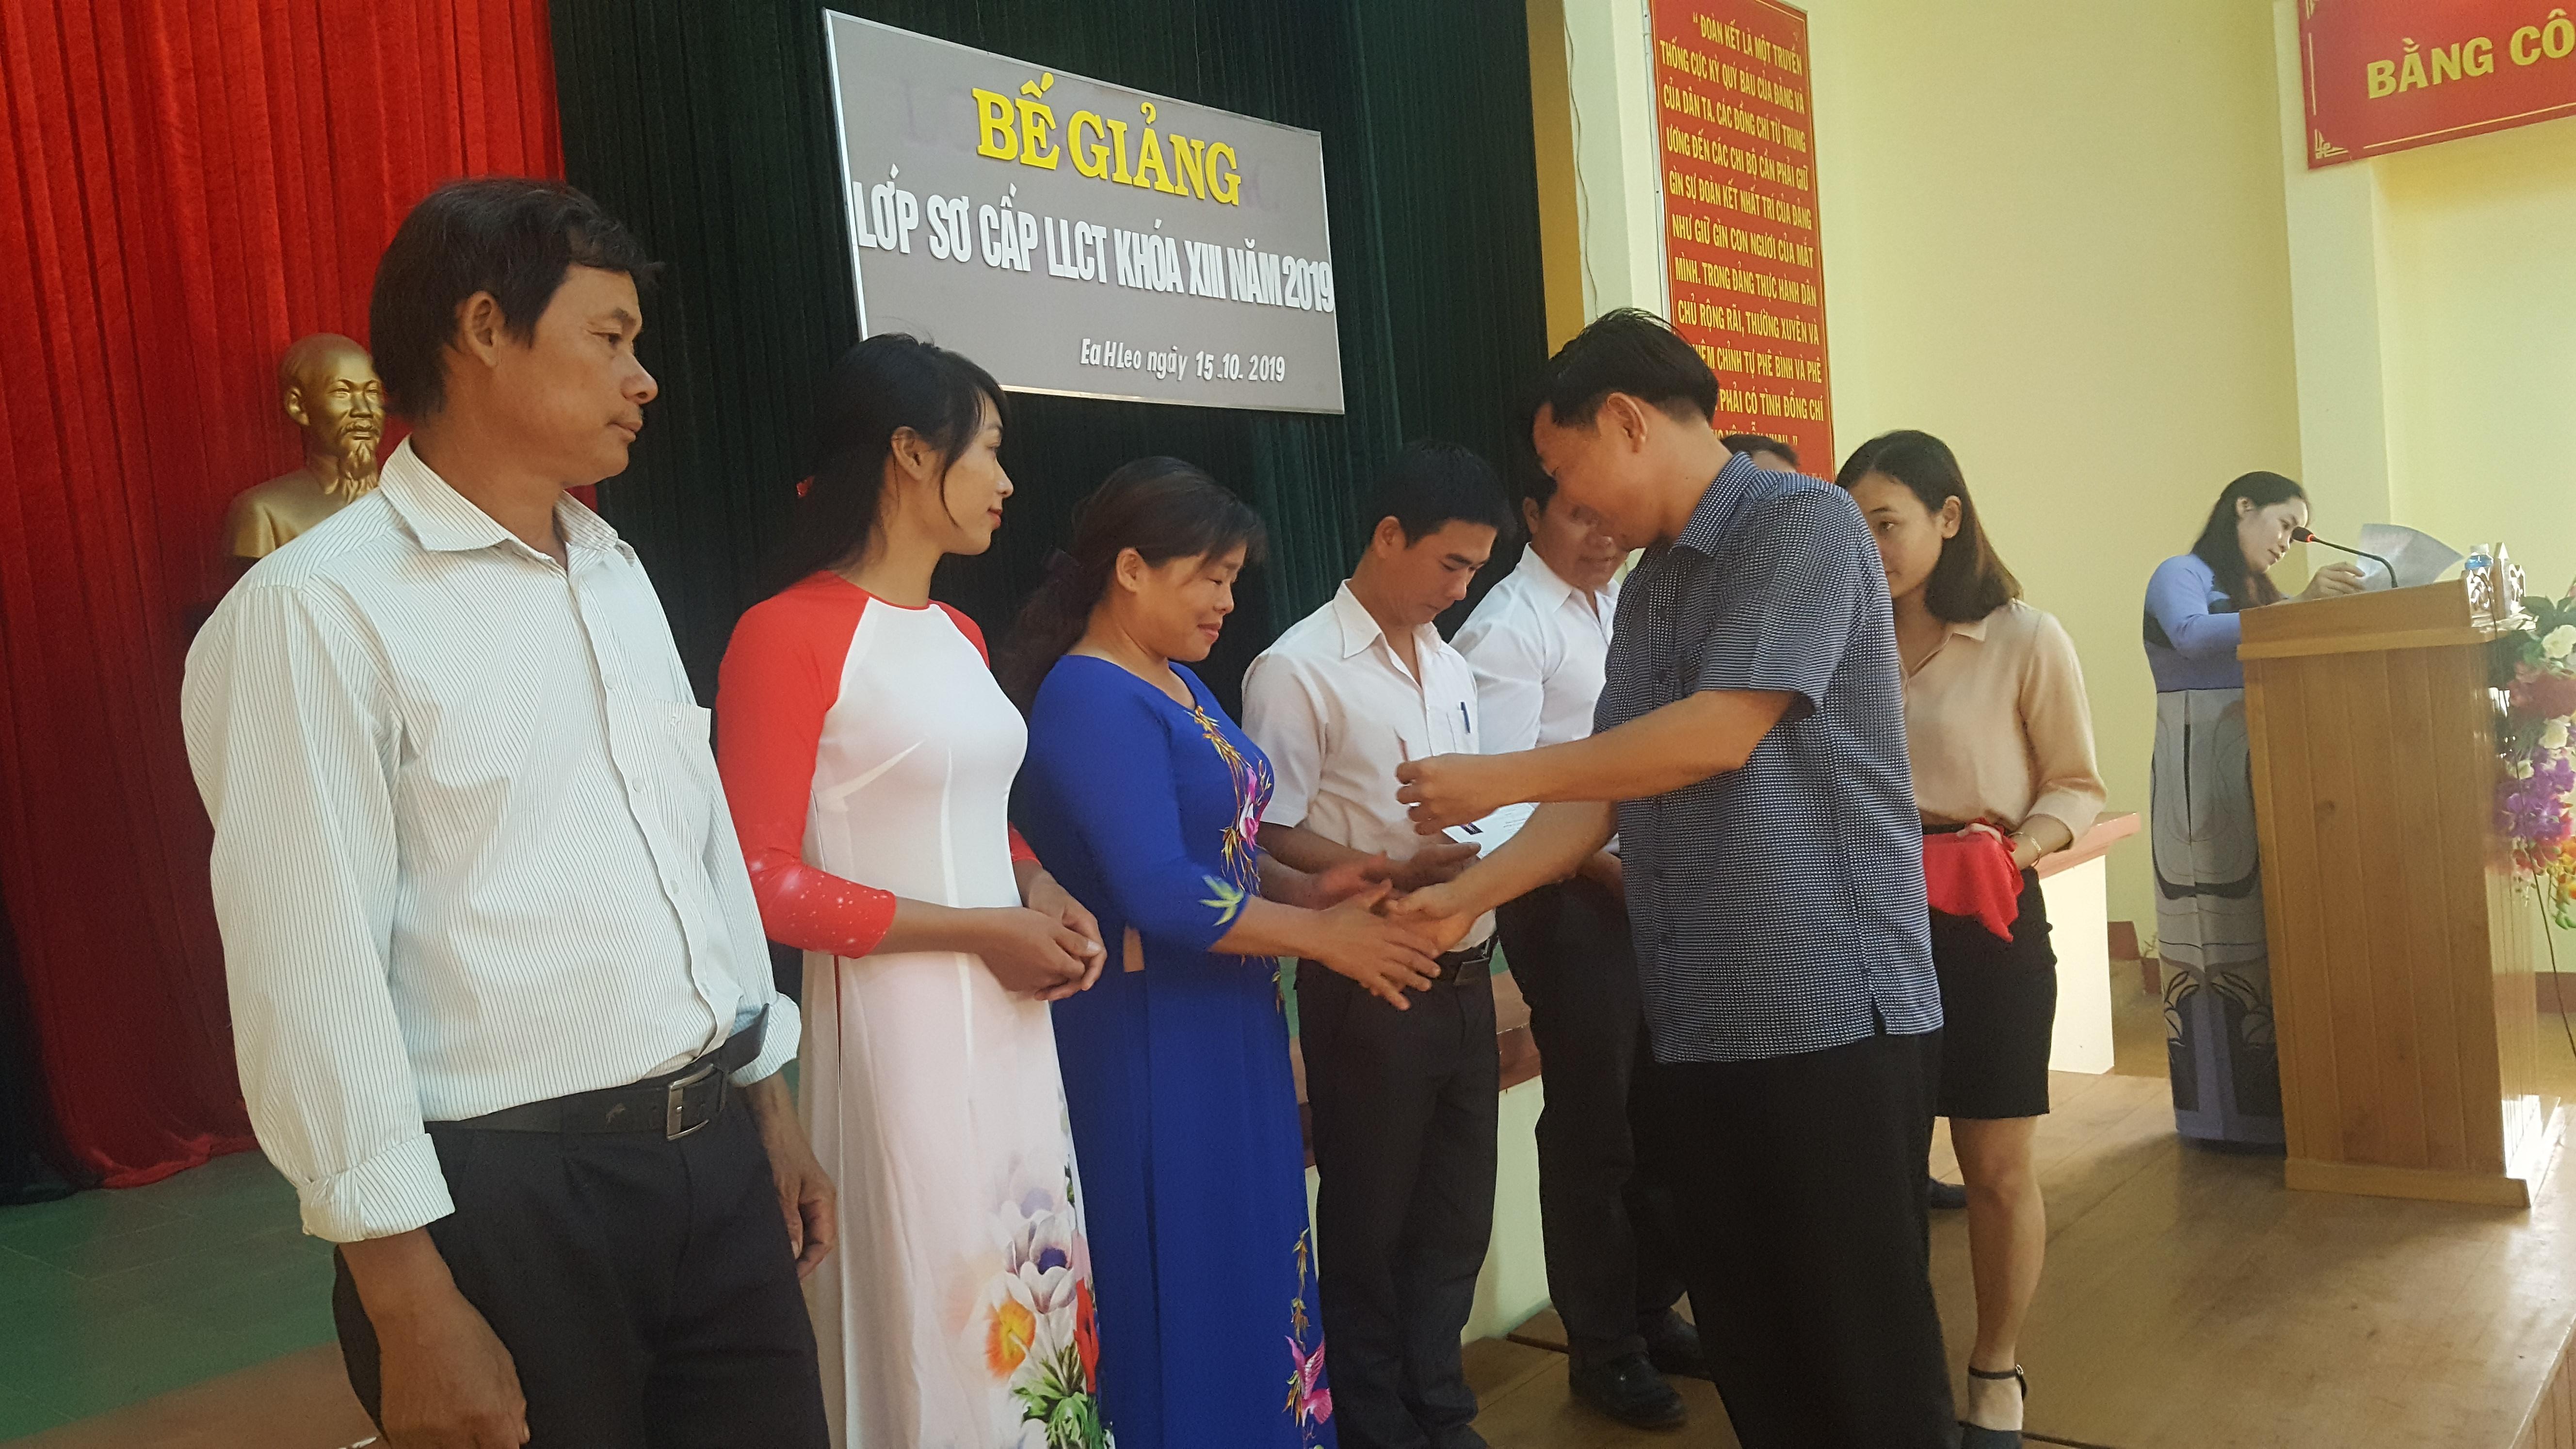 Huyện Ea H'Leo: Bế giảng lớp sơ cấp lý luận chính trị khoá XIII năm 2019